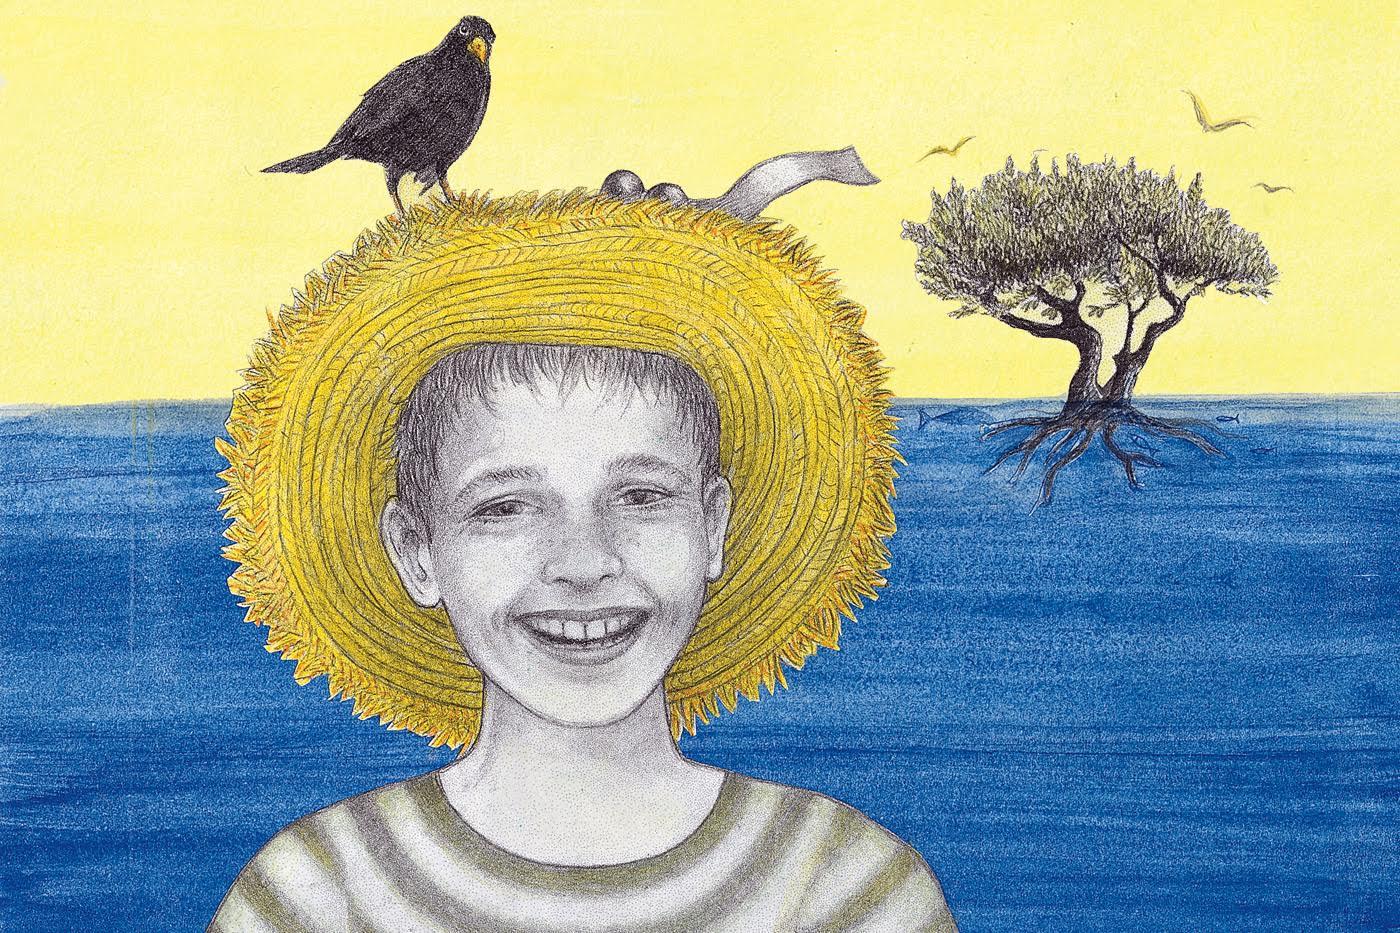 Yunan Edebiyatı ve Denizdeki Zeytin Ağacı